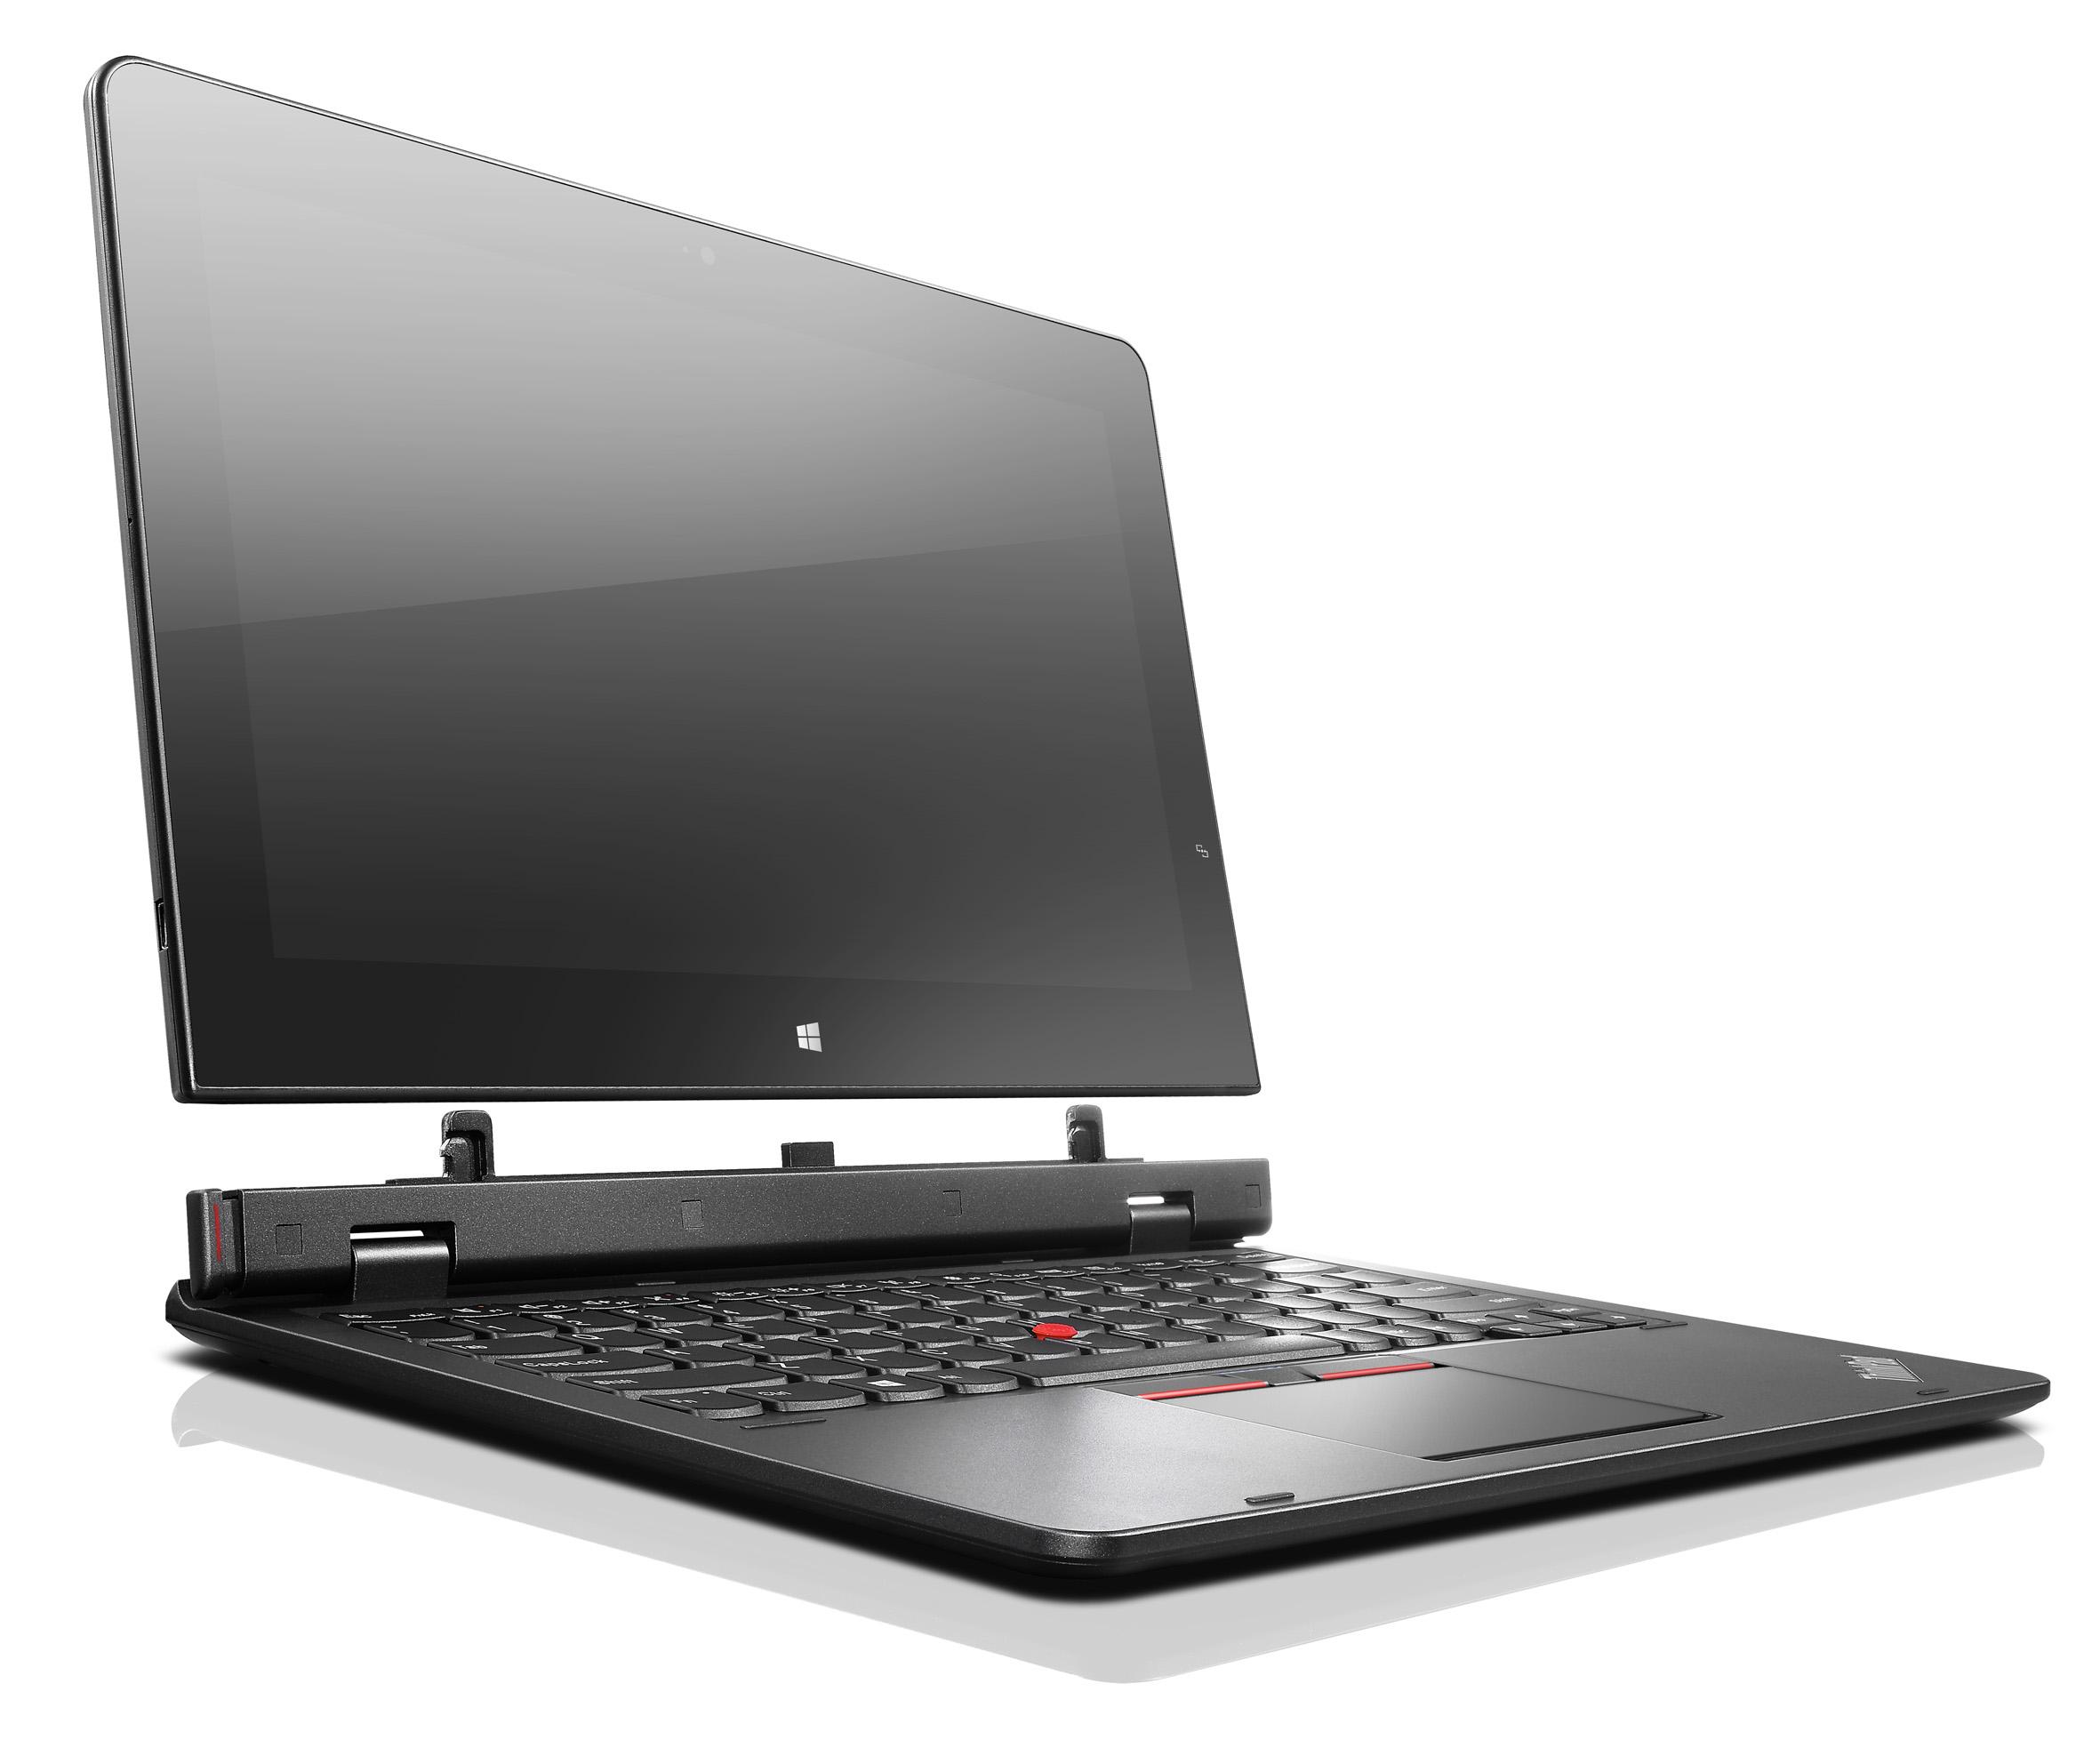 lenovo stellt tablet laptop kombination und modularen all in one vor engadget deutschland. Black Bedroom Furniture Sets. Home Design Ideas